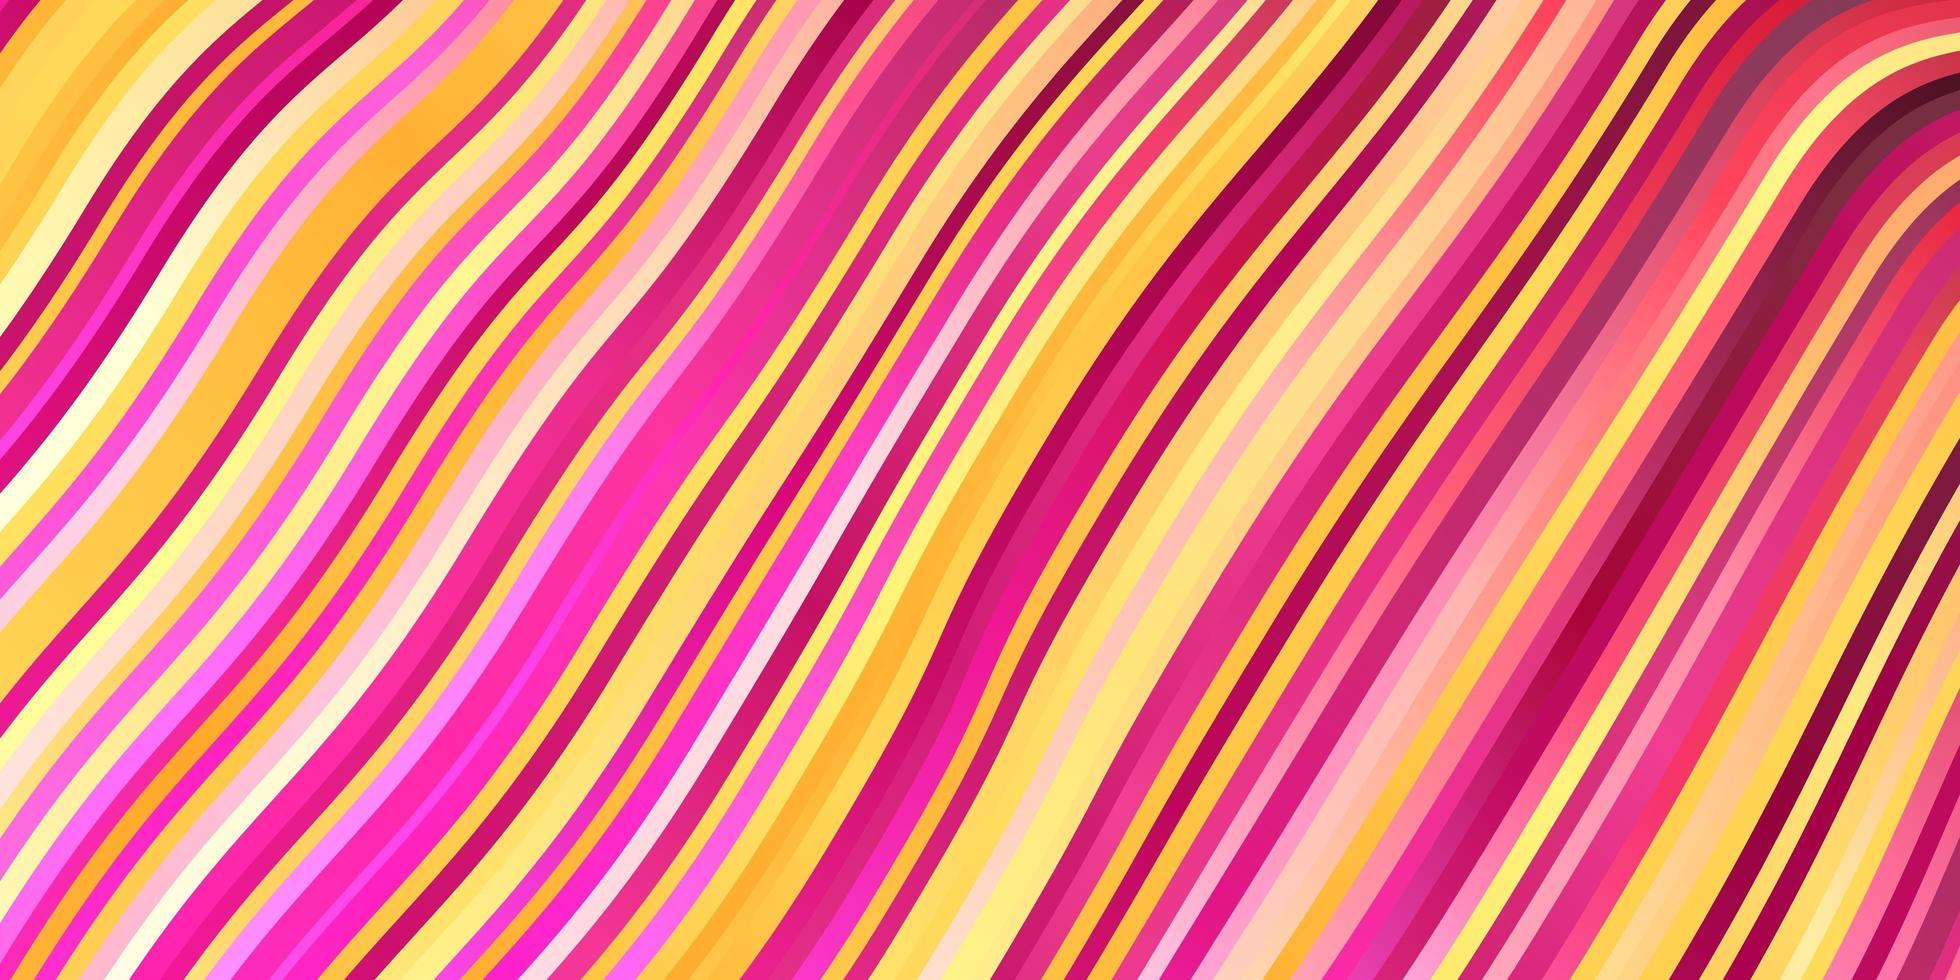 lichtroze, geel vectorpatroon met wrange lijnen. vector